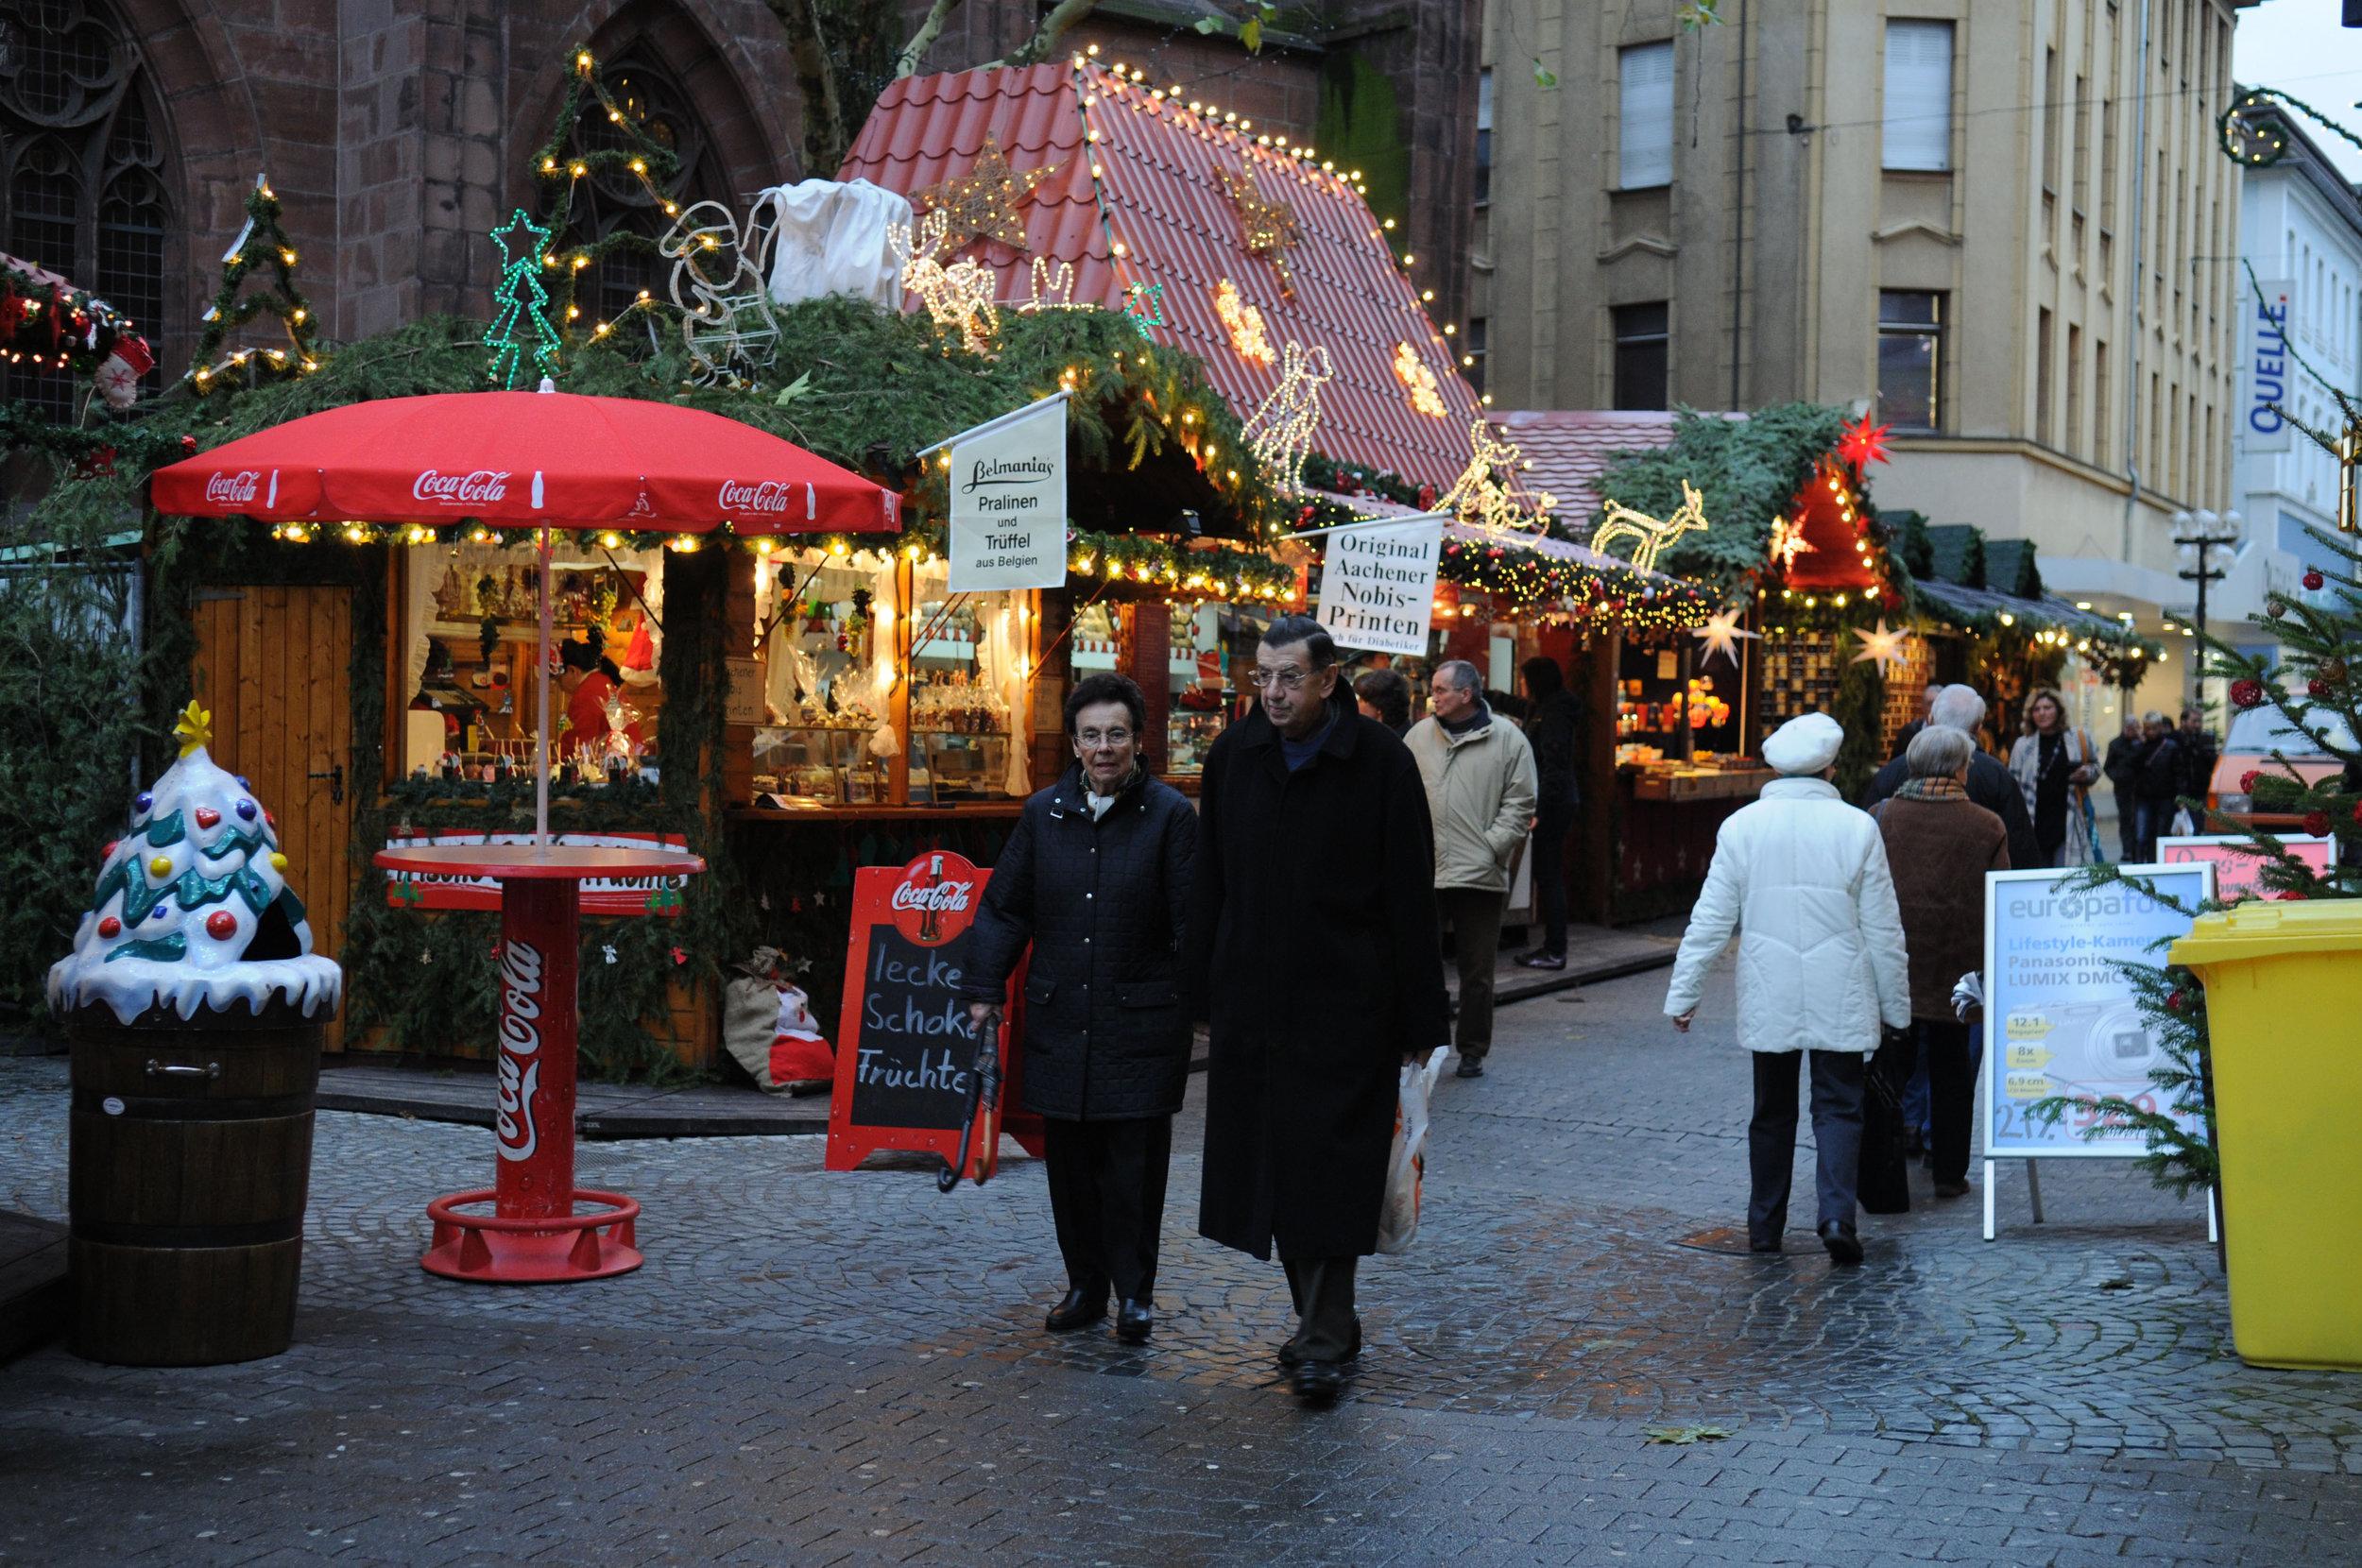 Christmas_Market_Kaiserslautern_2009_Weihnachtsmarkt.jpg